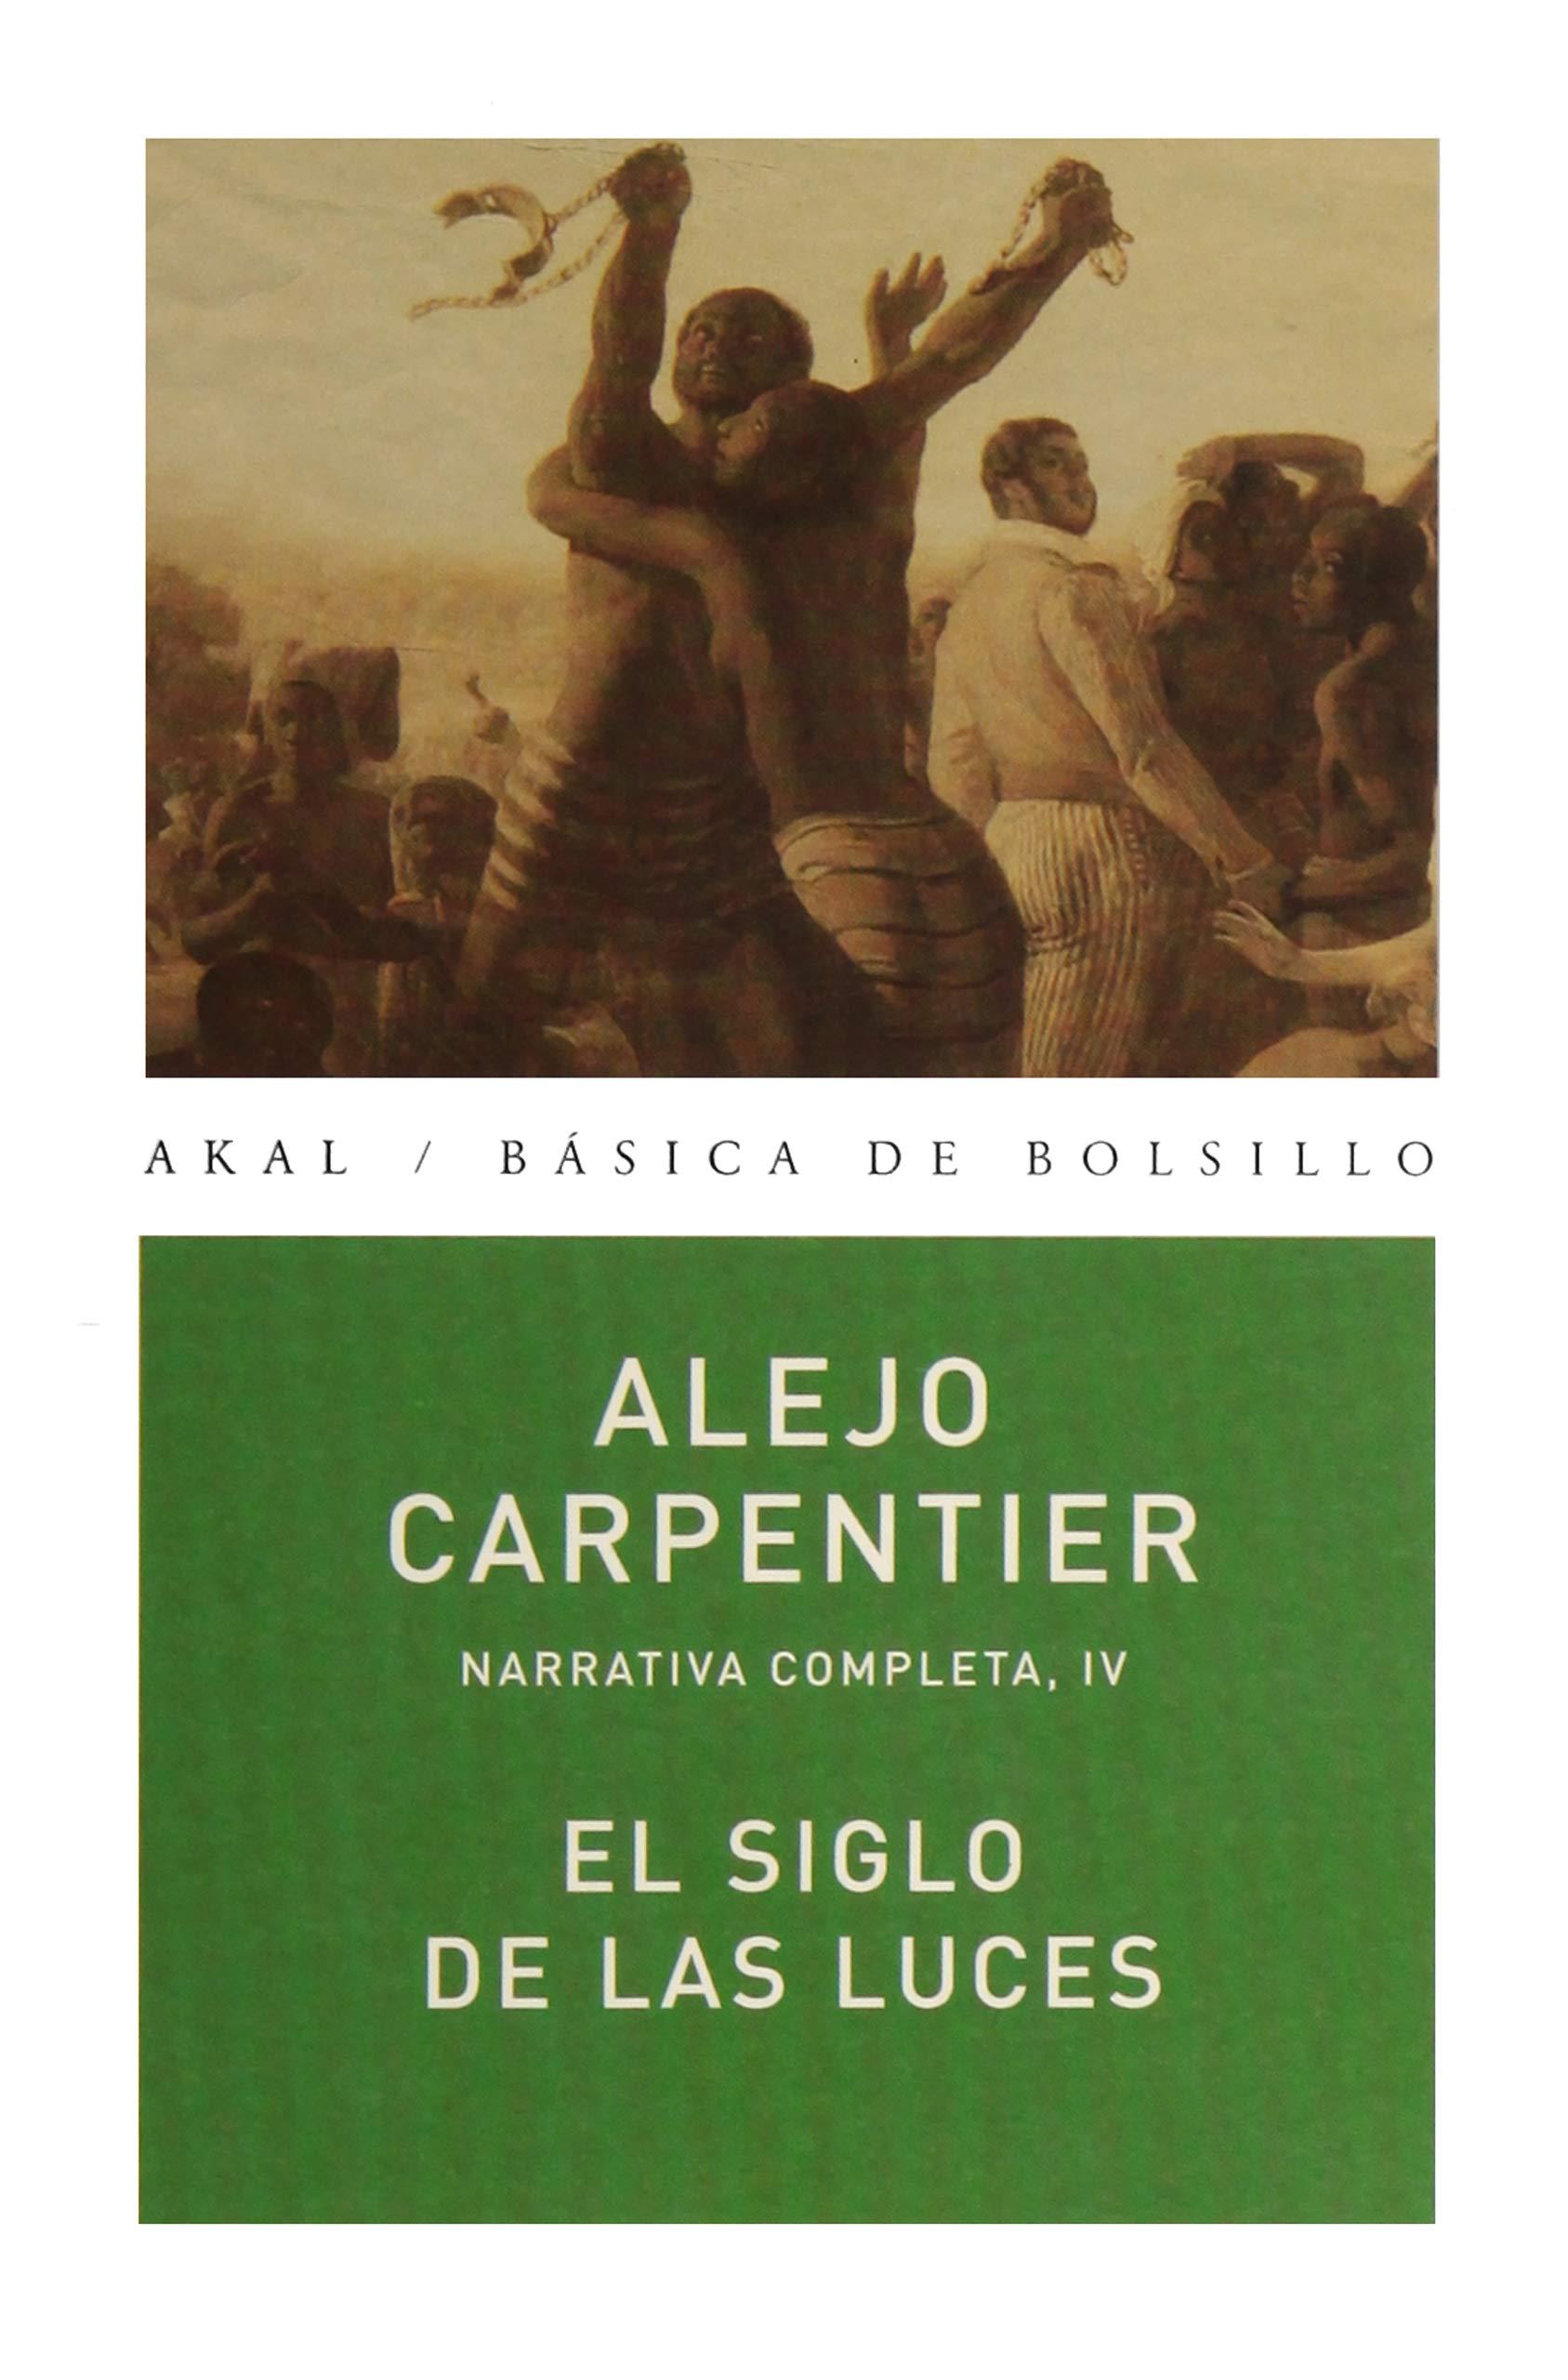 El siglo de las luces: 178 (Básica de Bolsillo): Amazon.es: Carpentier, Alejo: Libros